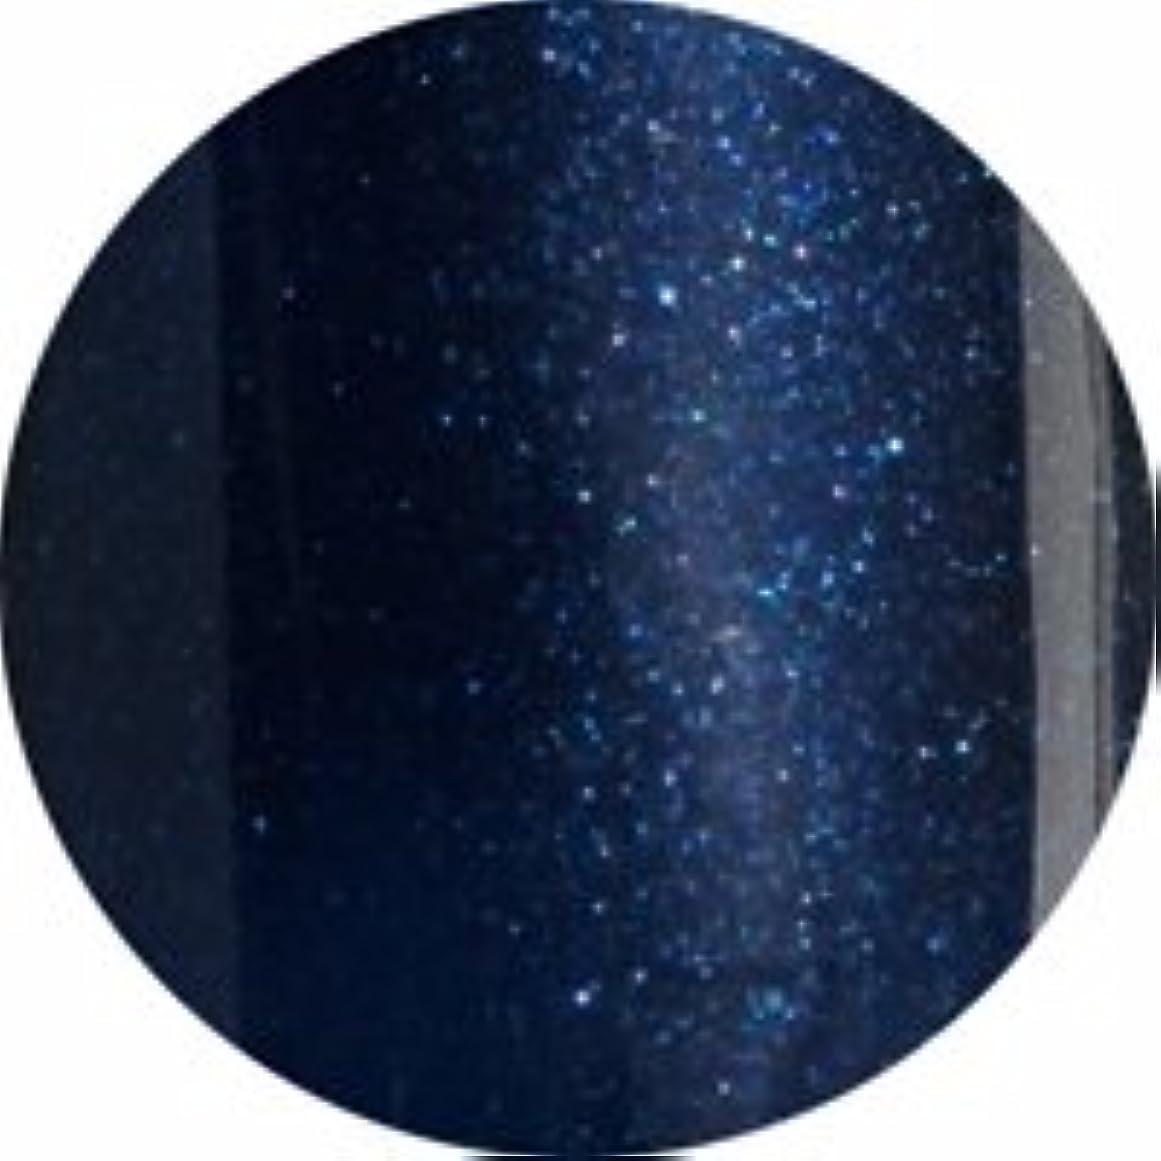 オフセット比較的パンフレット★CND シェラック UVカラーコート 7.3ml<BR>548 ミッドナイトスウィム